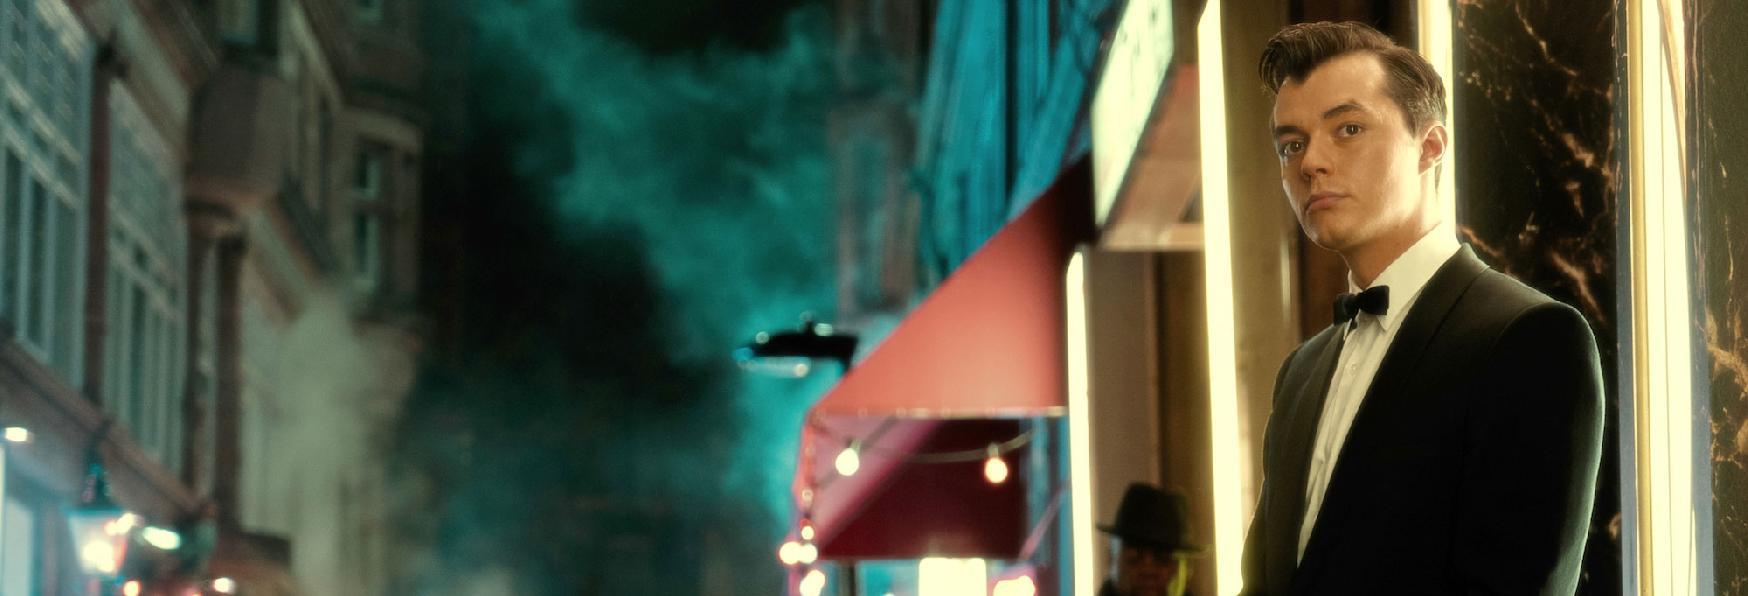 Pennyworth: Epix annuncia la Data di Uscita del Prequel di Batman